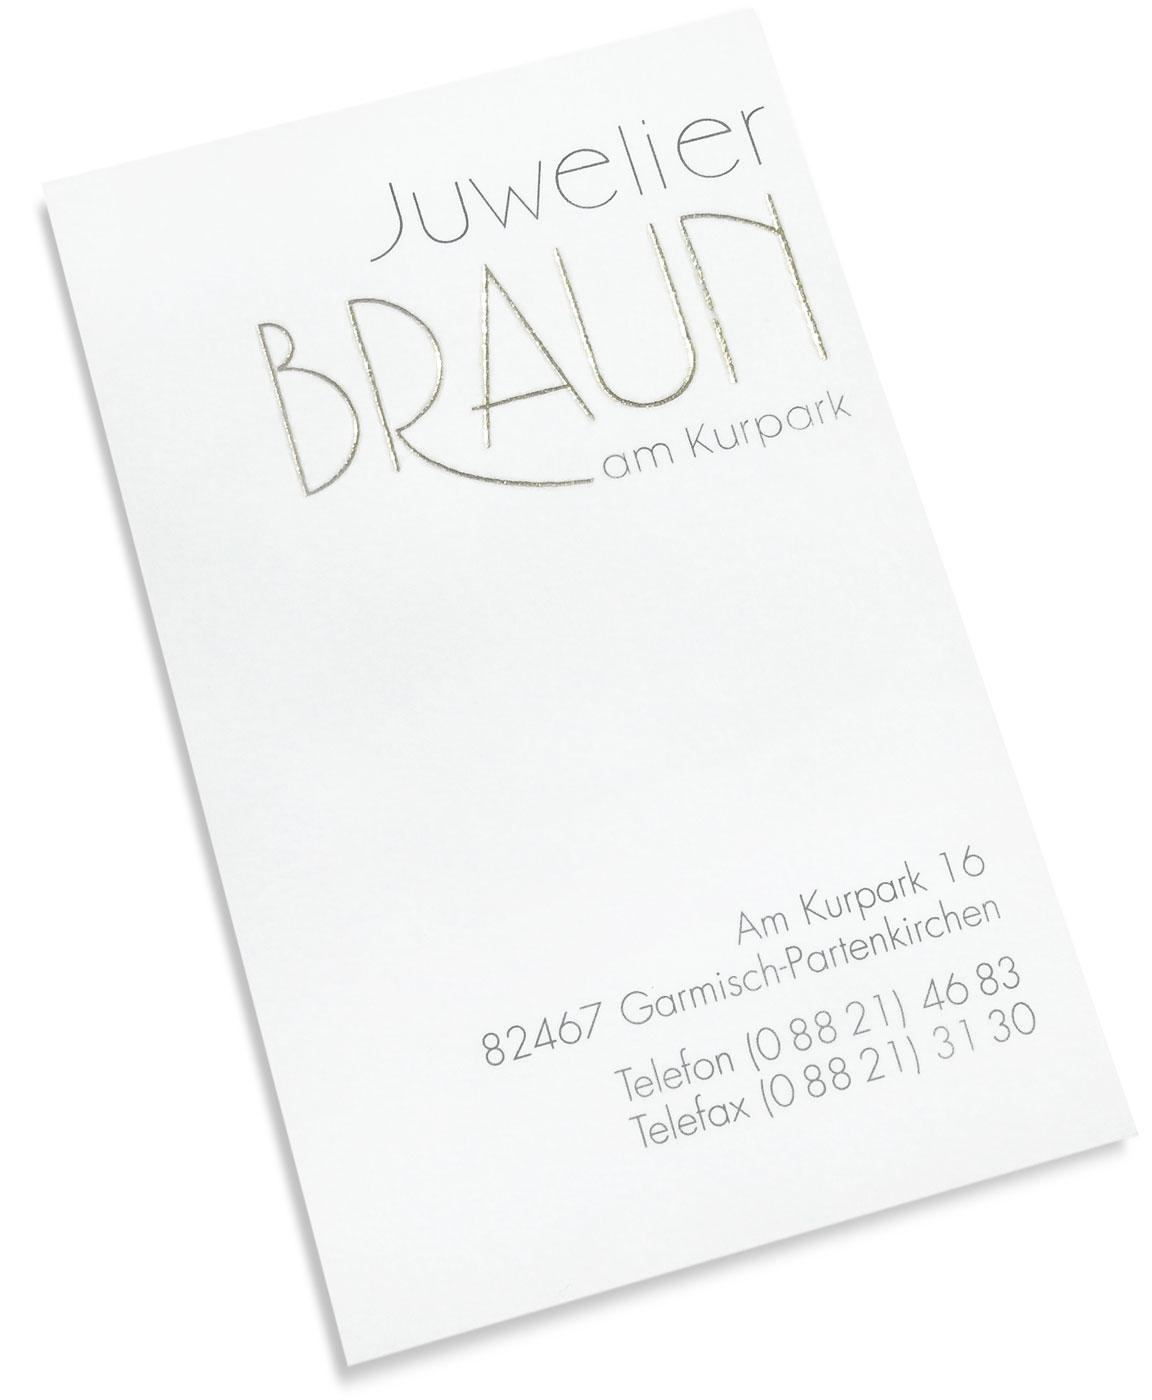 Wortmarke und Visitenkarte Juwelier Braun